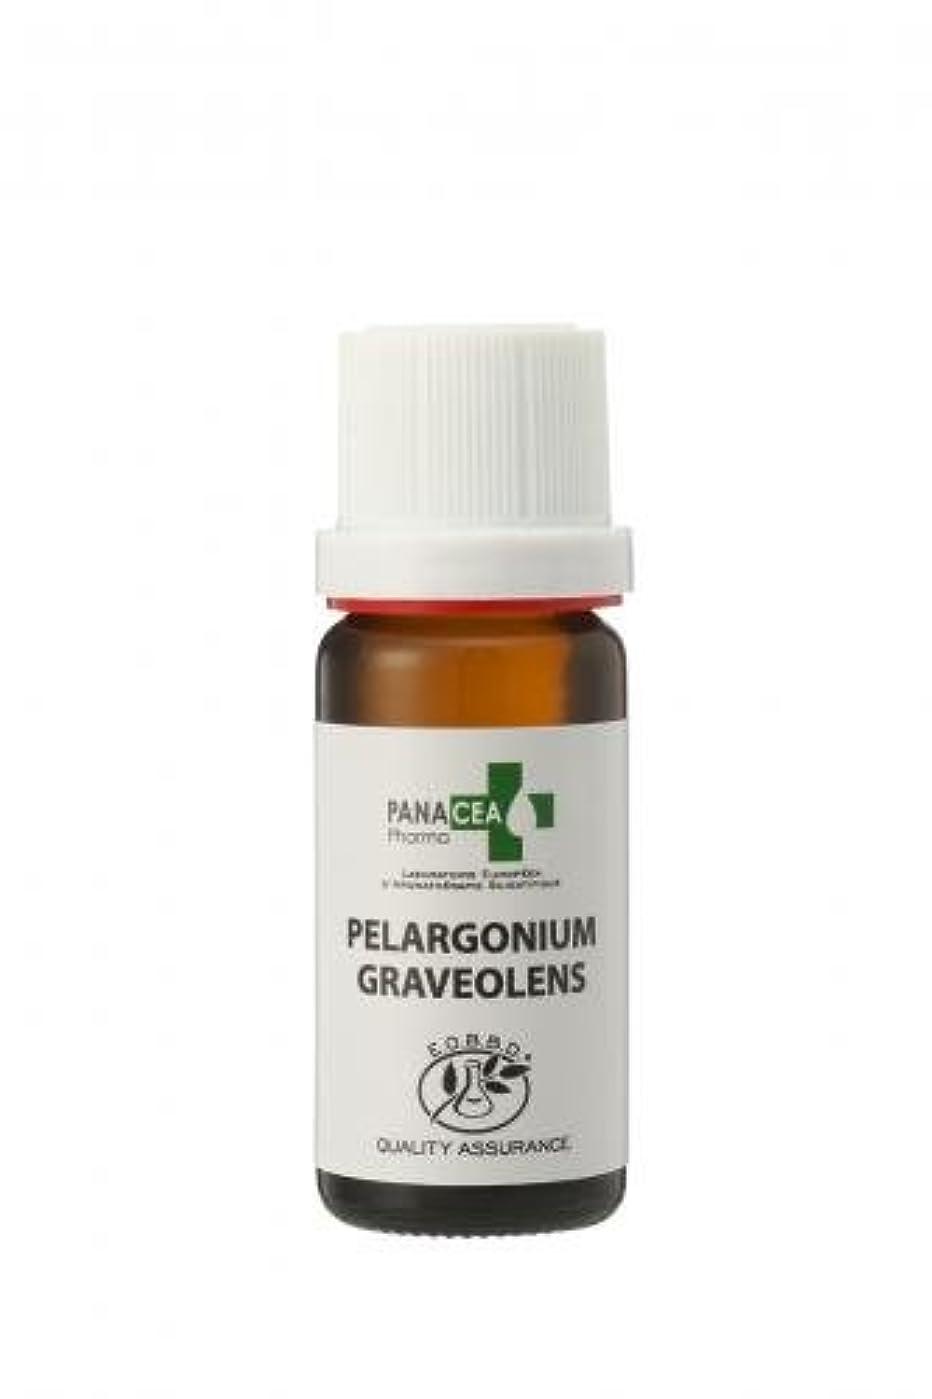 反発評論家授業料ゼラニウム エジプト (Pelargonium graveolens) エッセンシャルオイル PANACEA PHARMA パナセア ファルマ